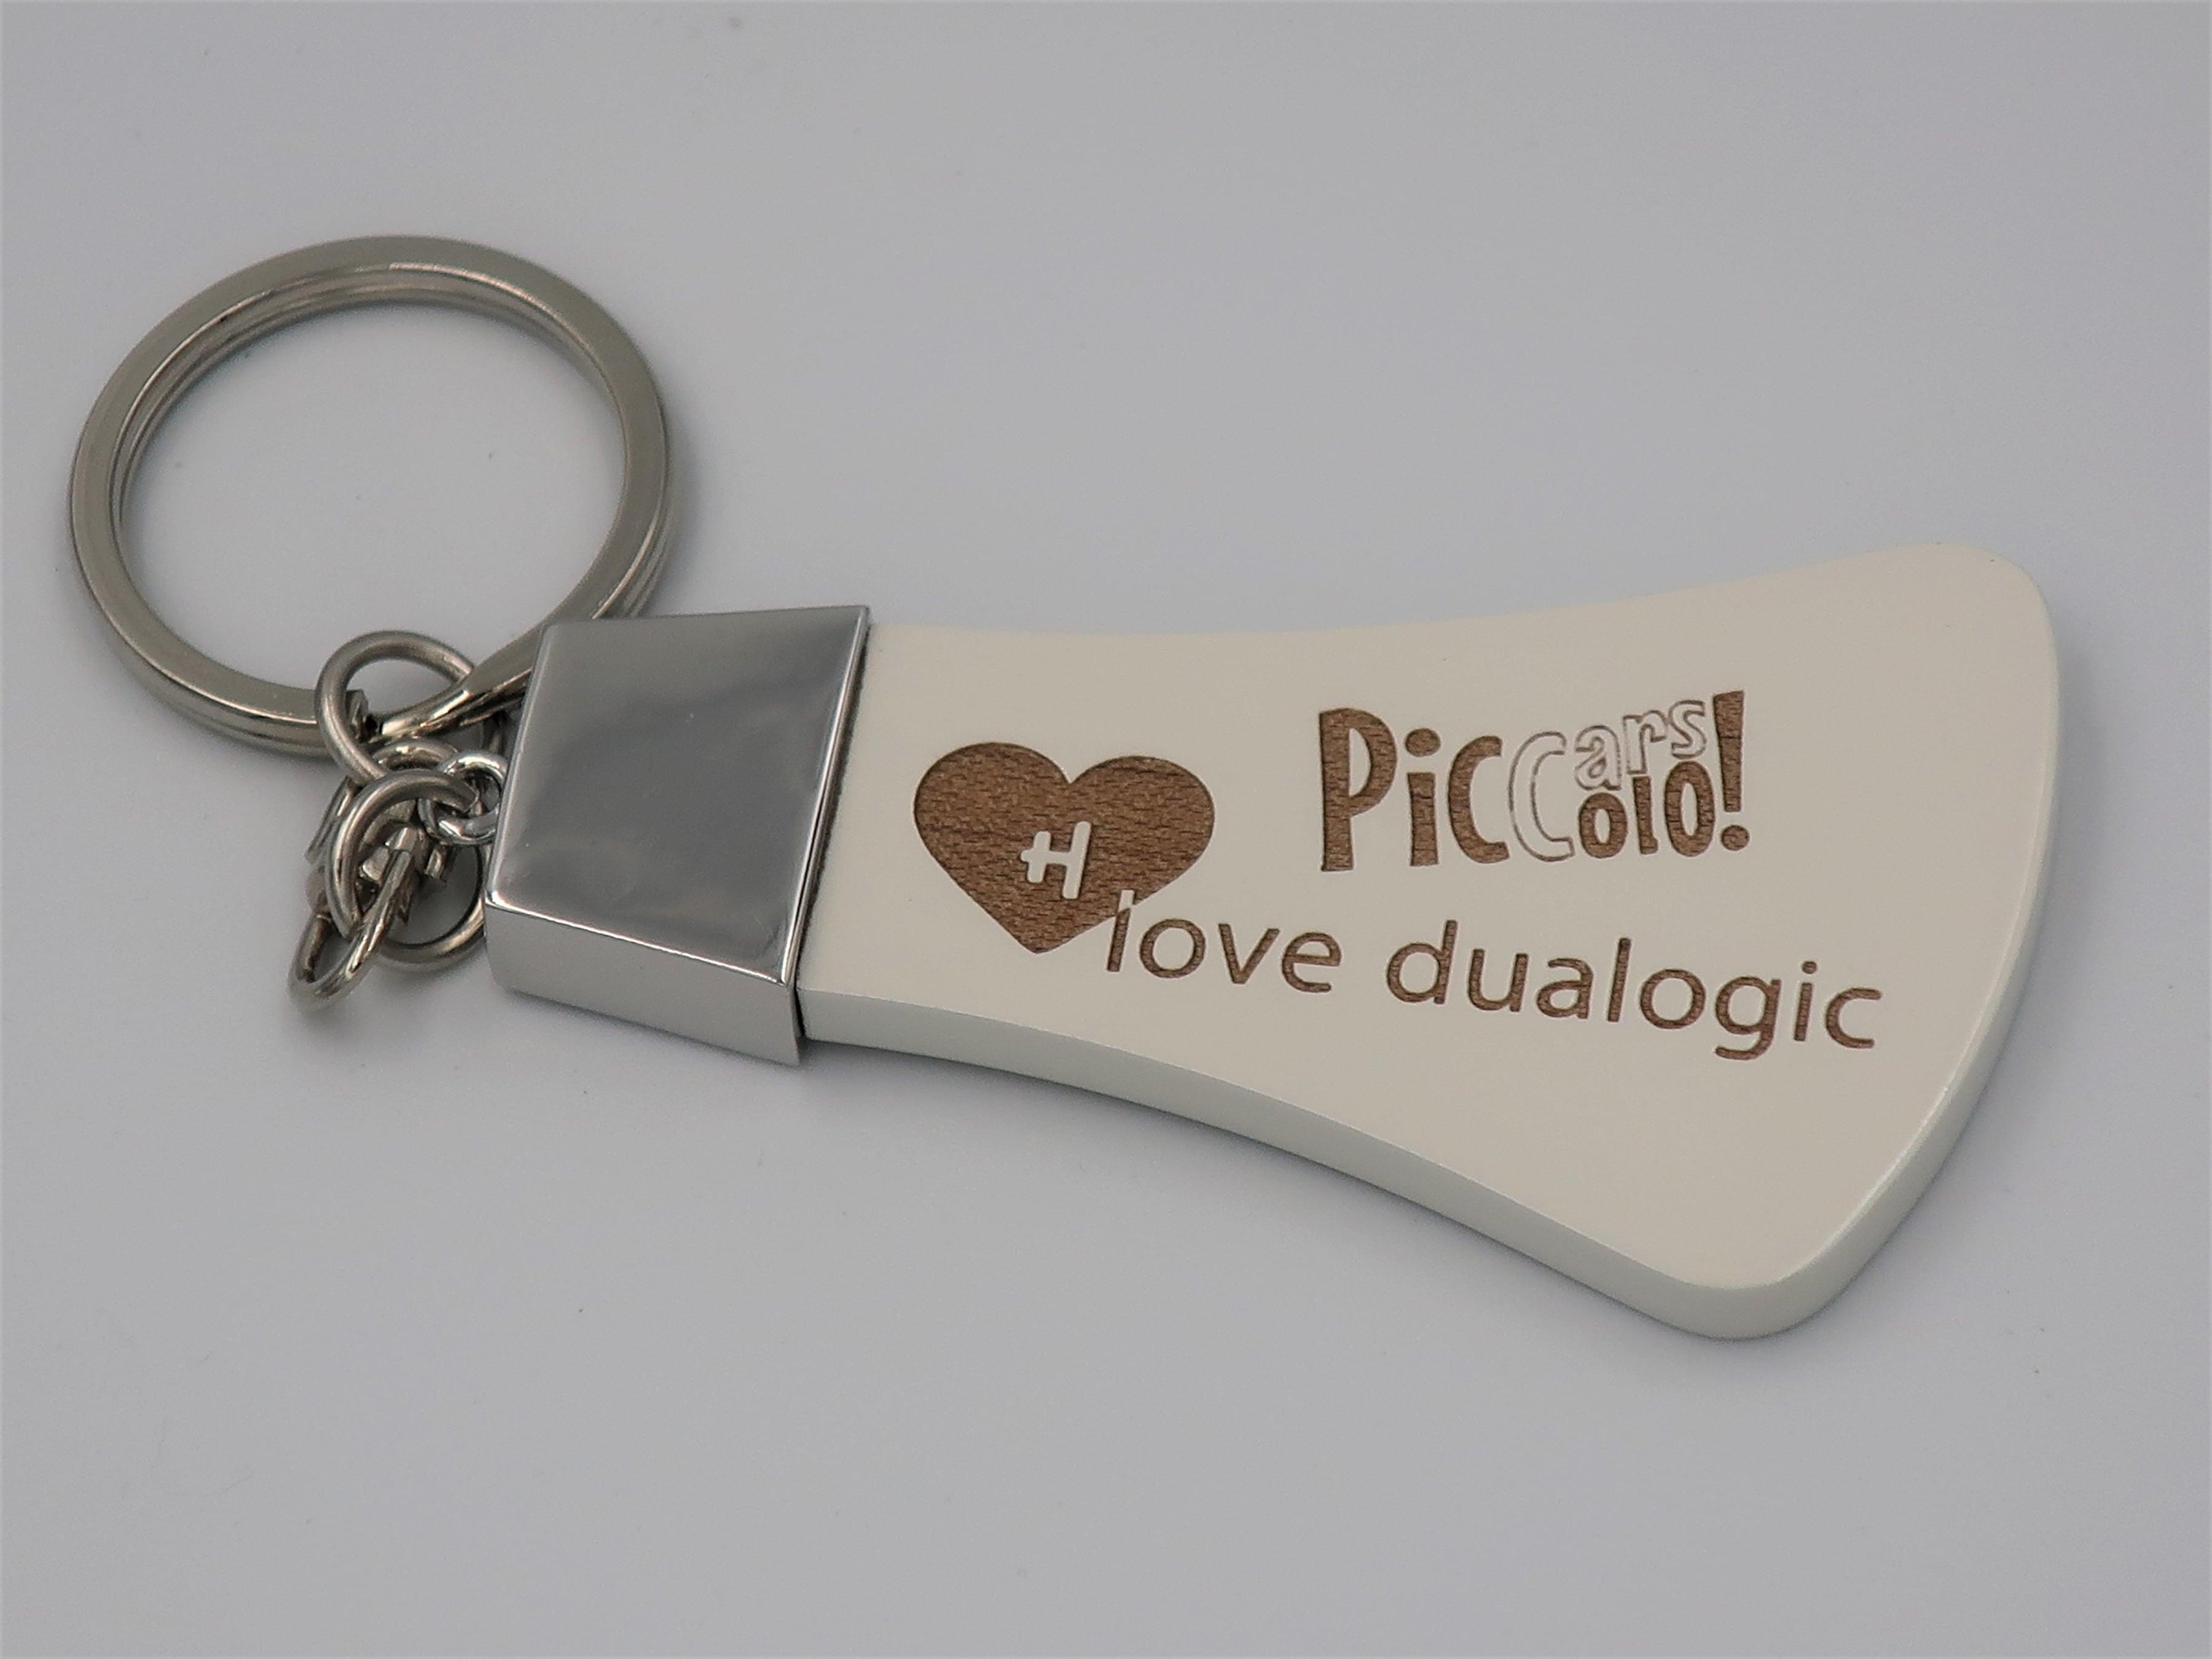 「love dualogic」(フィアットデュアロジック) キーホルダー